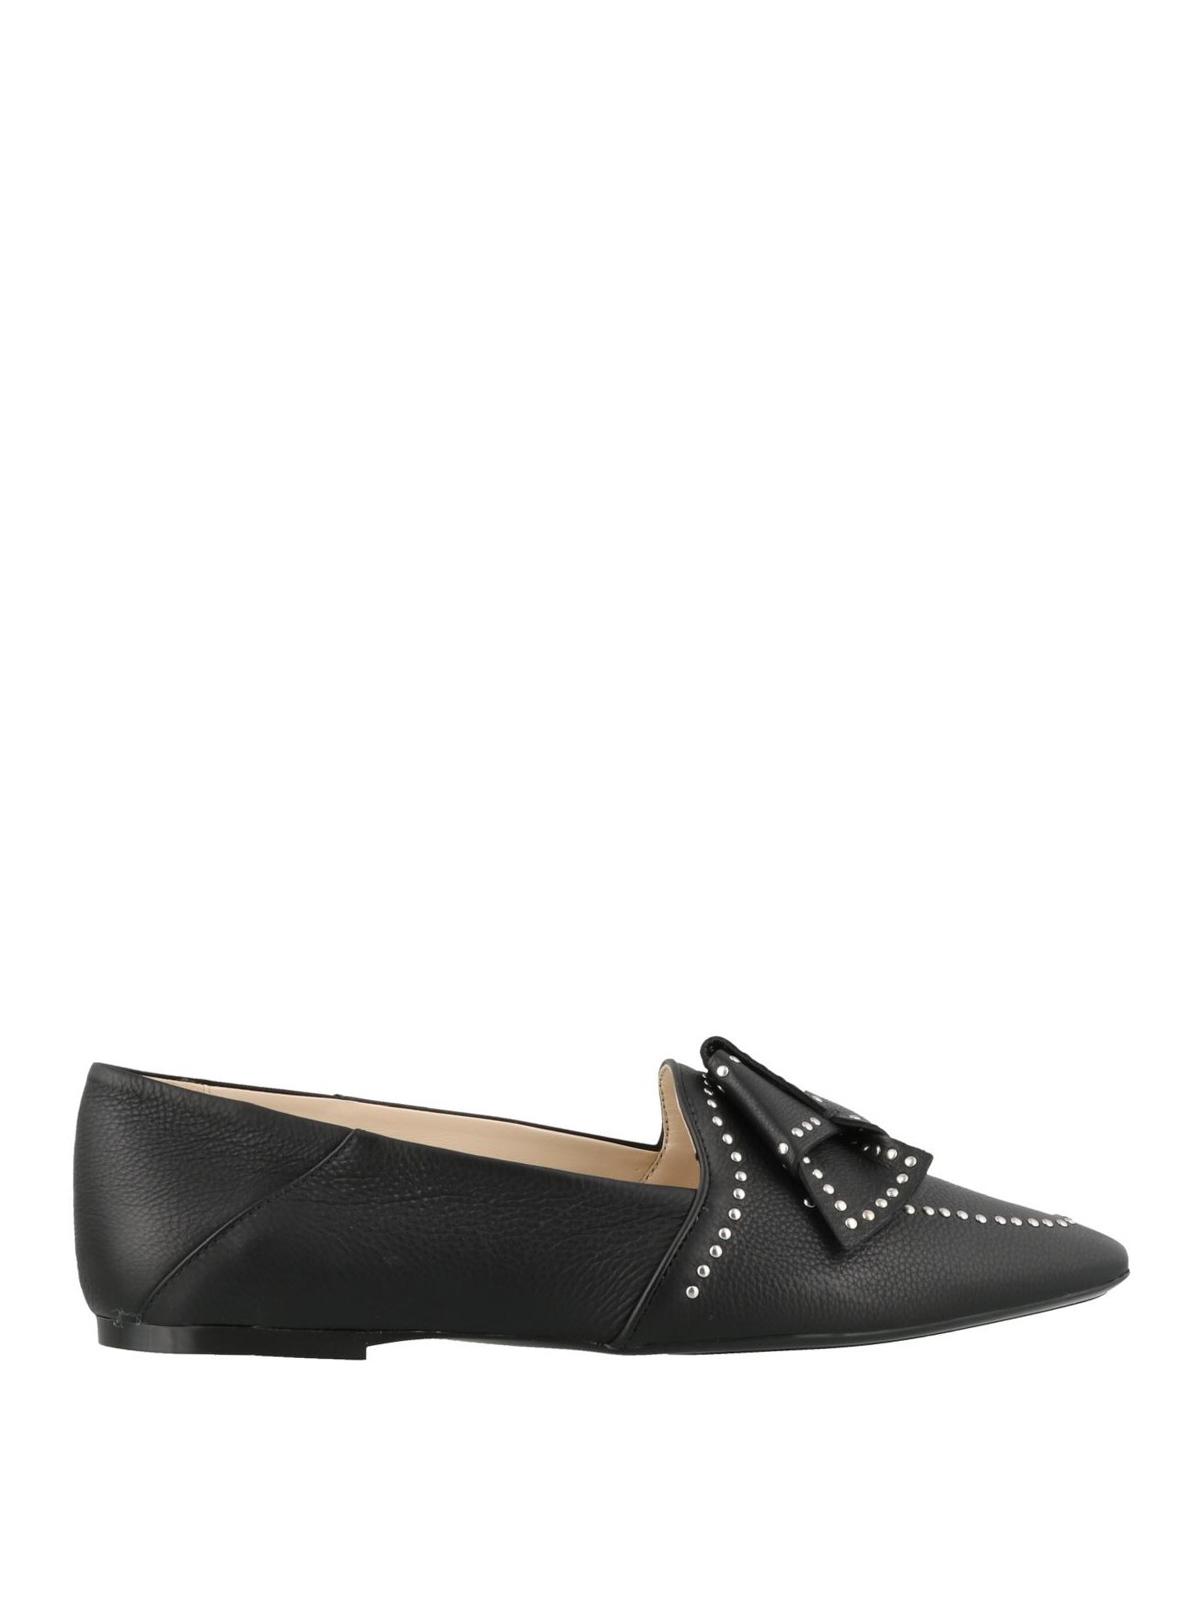 sports shoes 7e72d 804f2 Tod'S - Ballerina in pelle con borchie - ballerine ...